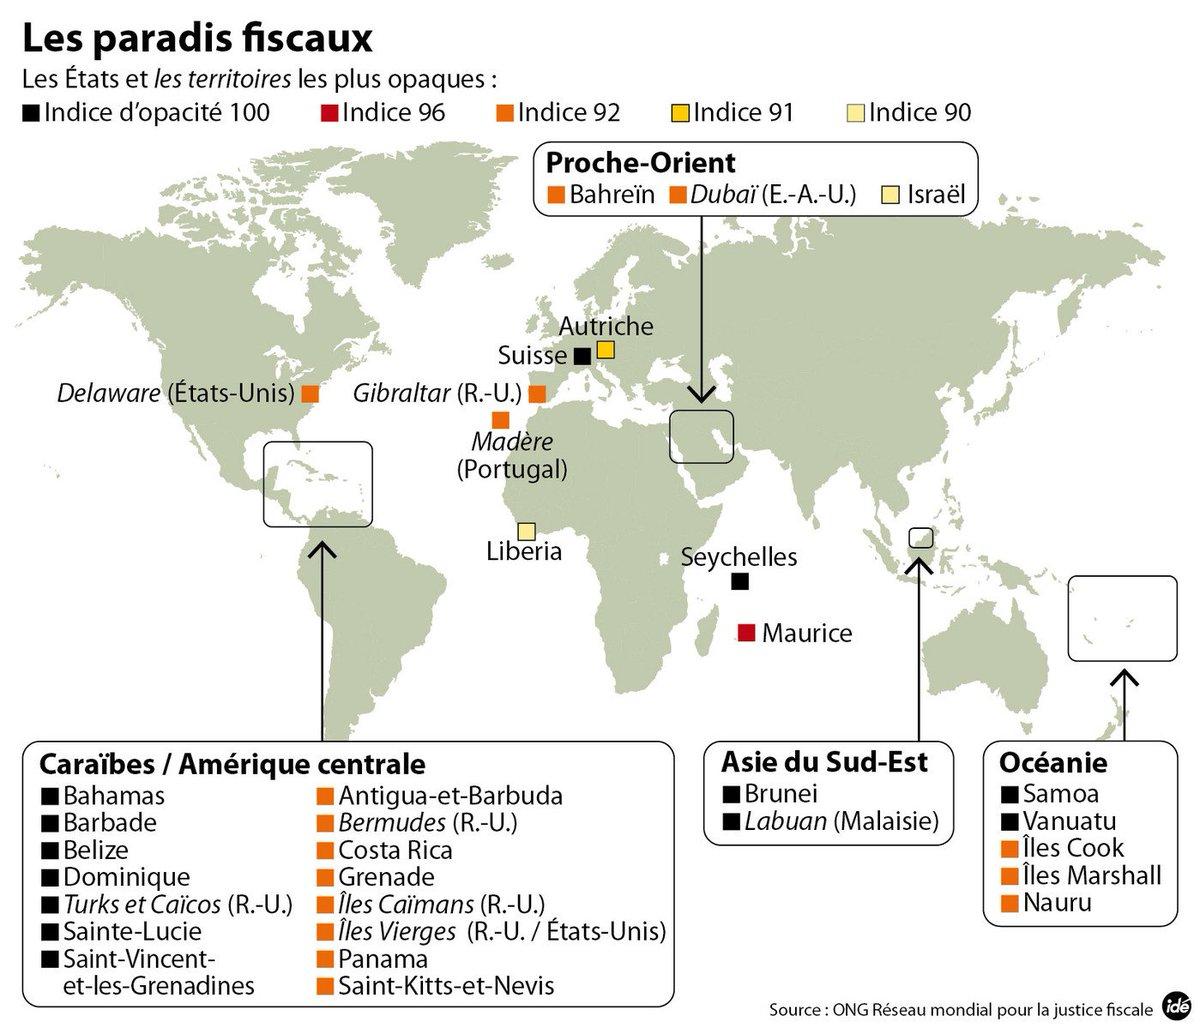 Les paradis fiscaux #reineelizabeth #angleterre #taxe  #imposition #impot #france #revenu #societe<br>http://pic.twitter.com/0HVC7wqArf